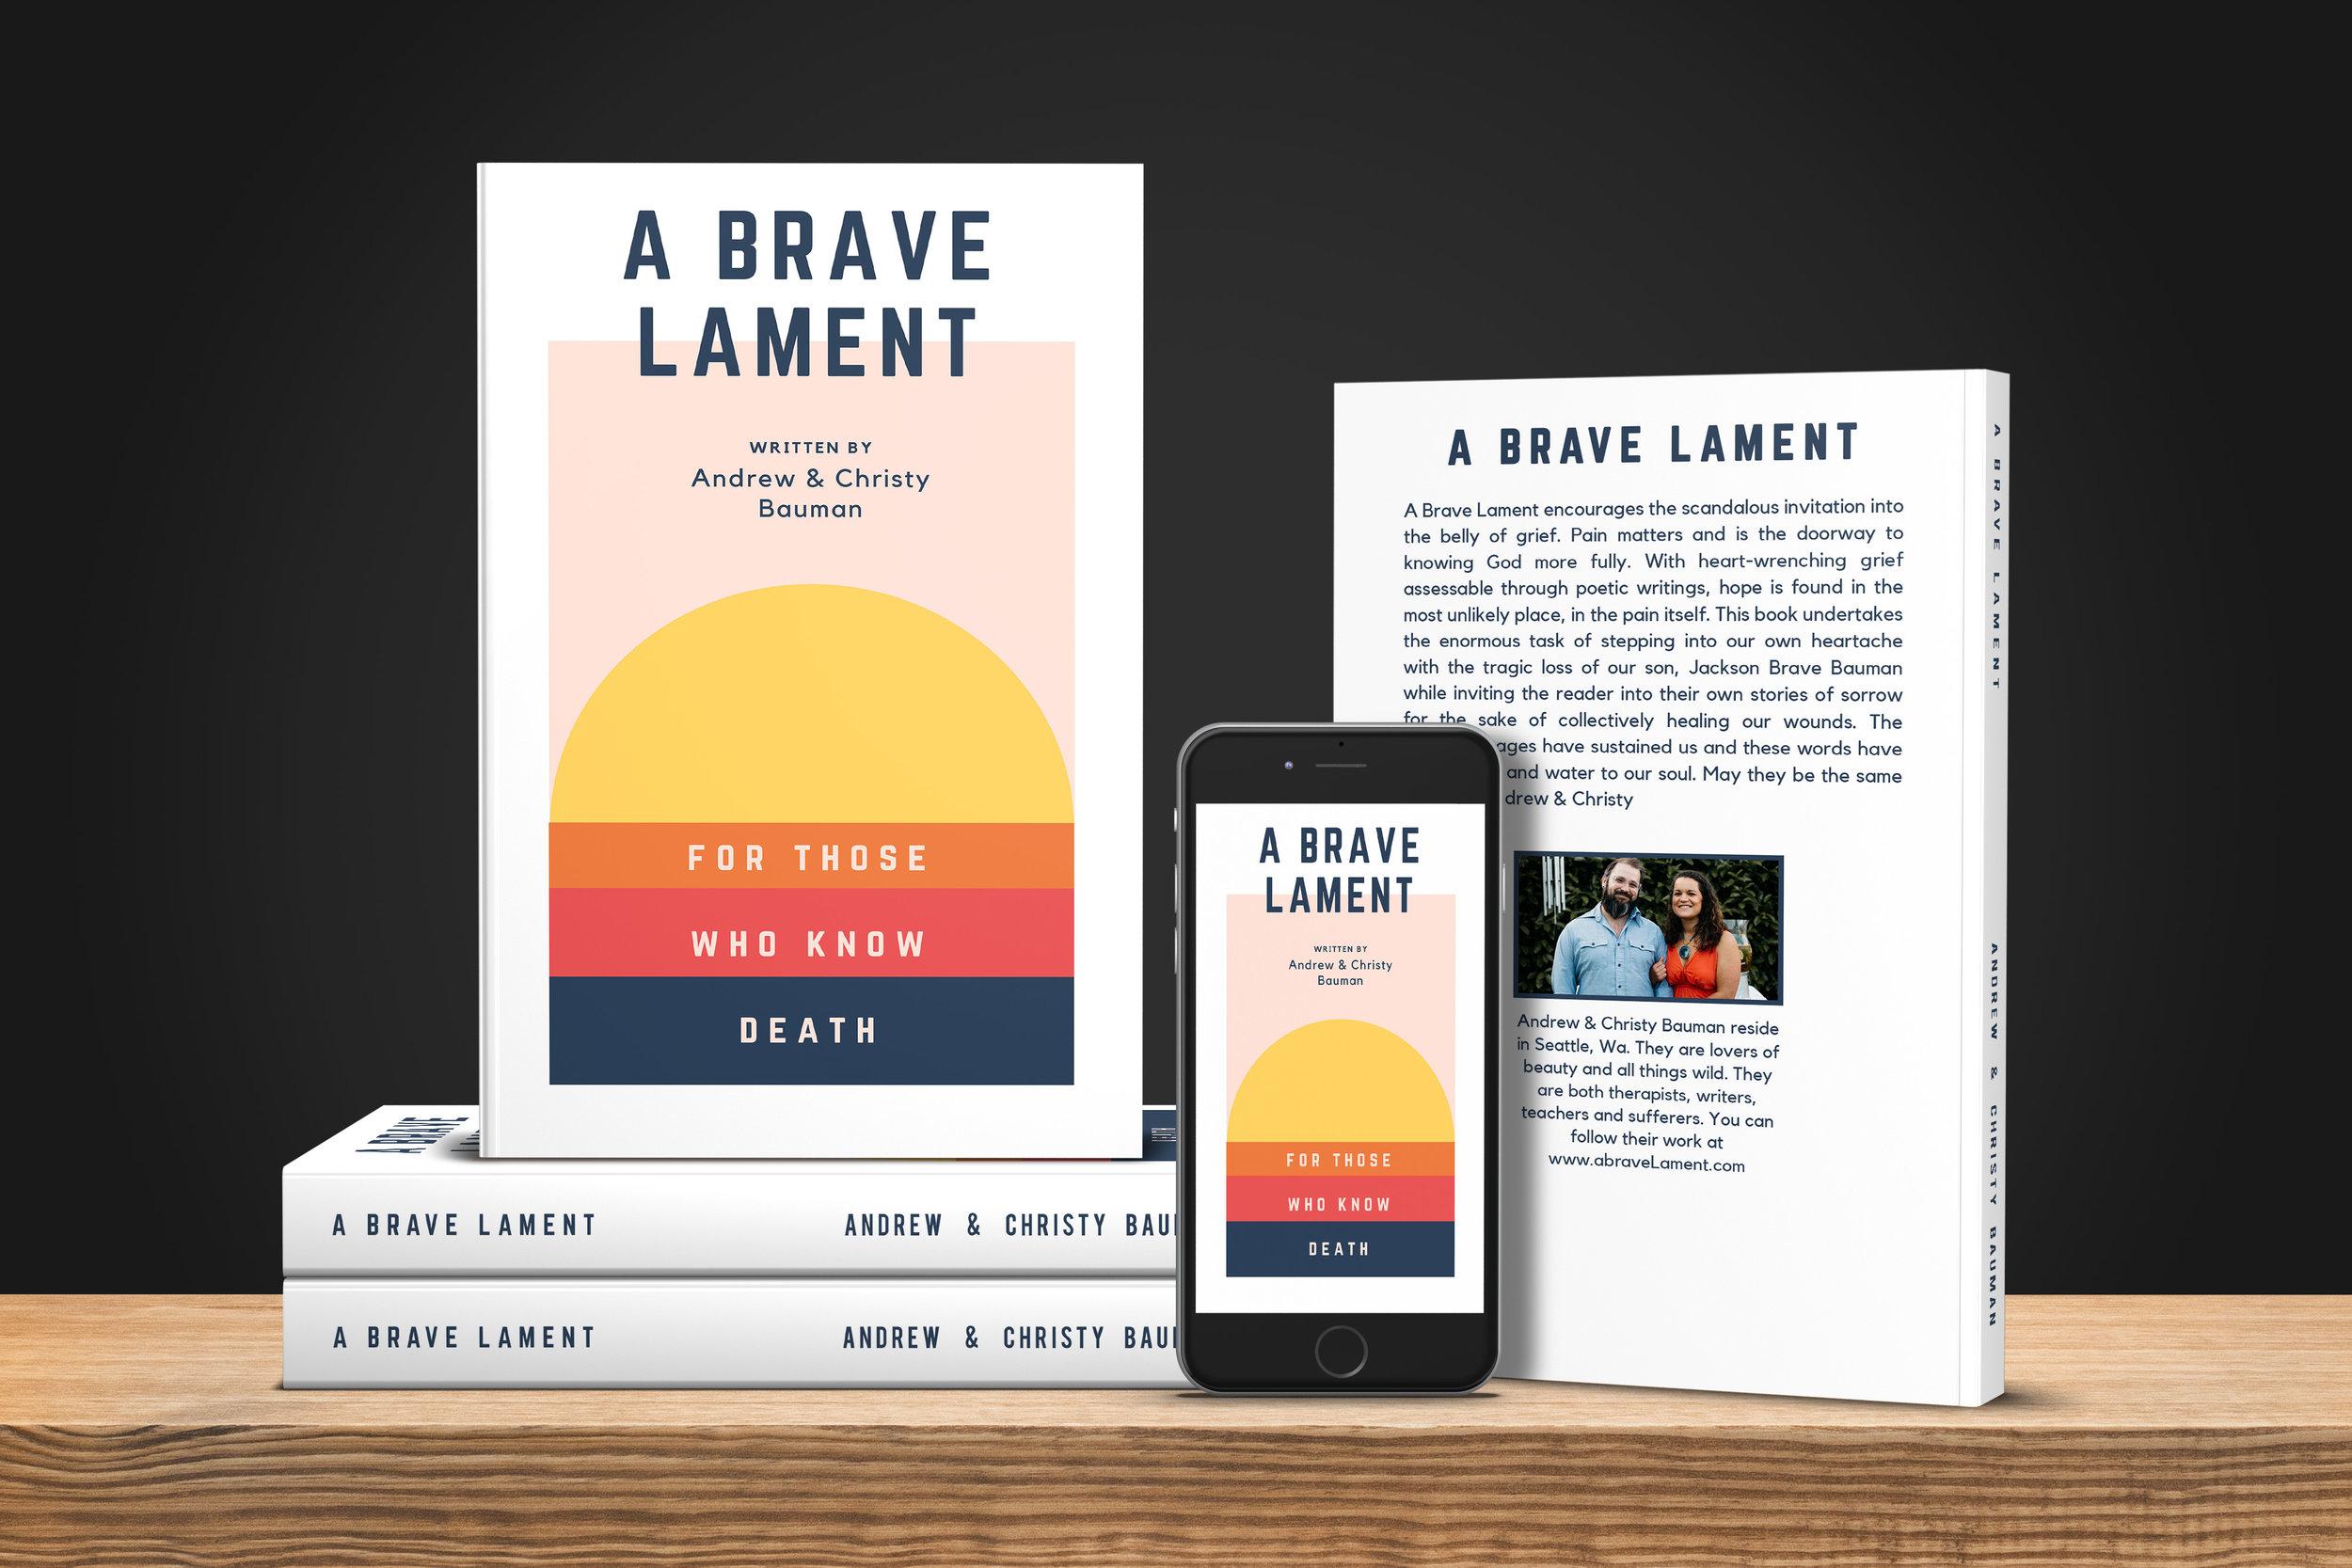 A Brave Lament Book